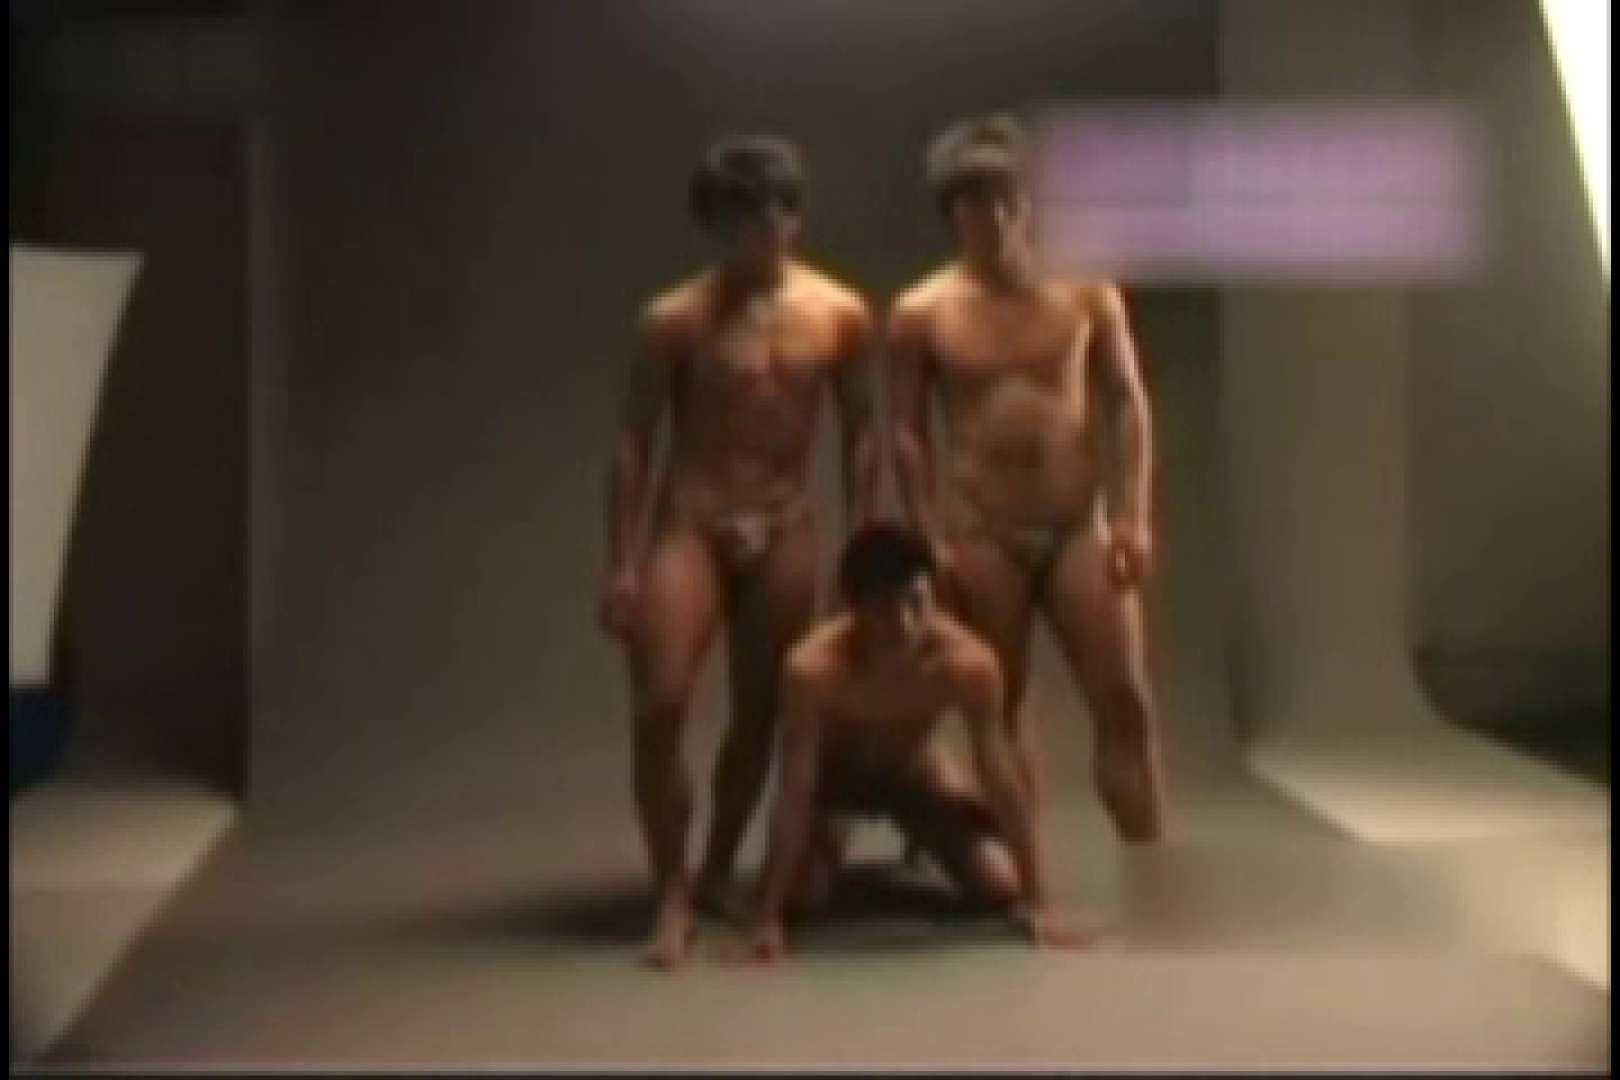 中出有名ゲイ雑誌★魅力●生★付録DVD収録スーパーモデルヌードvol4 ヌード ゲイエロビデオ画像 90pic 5